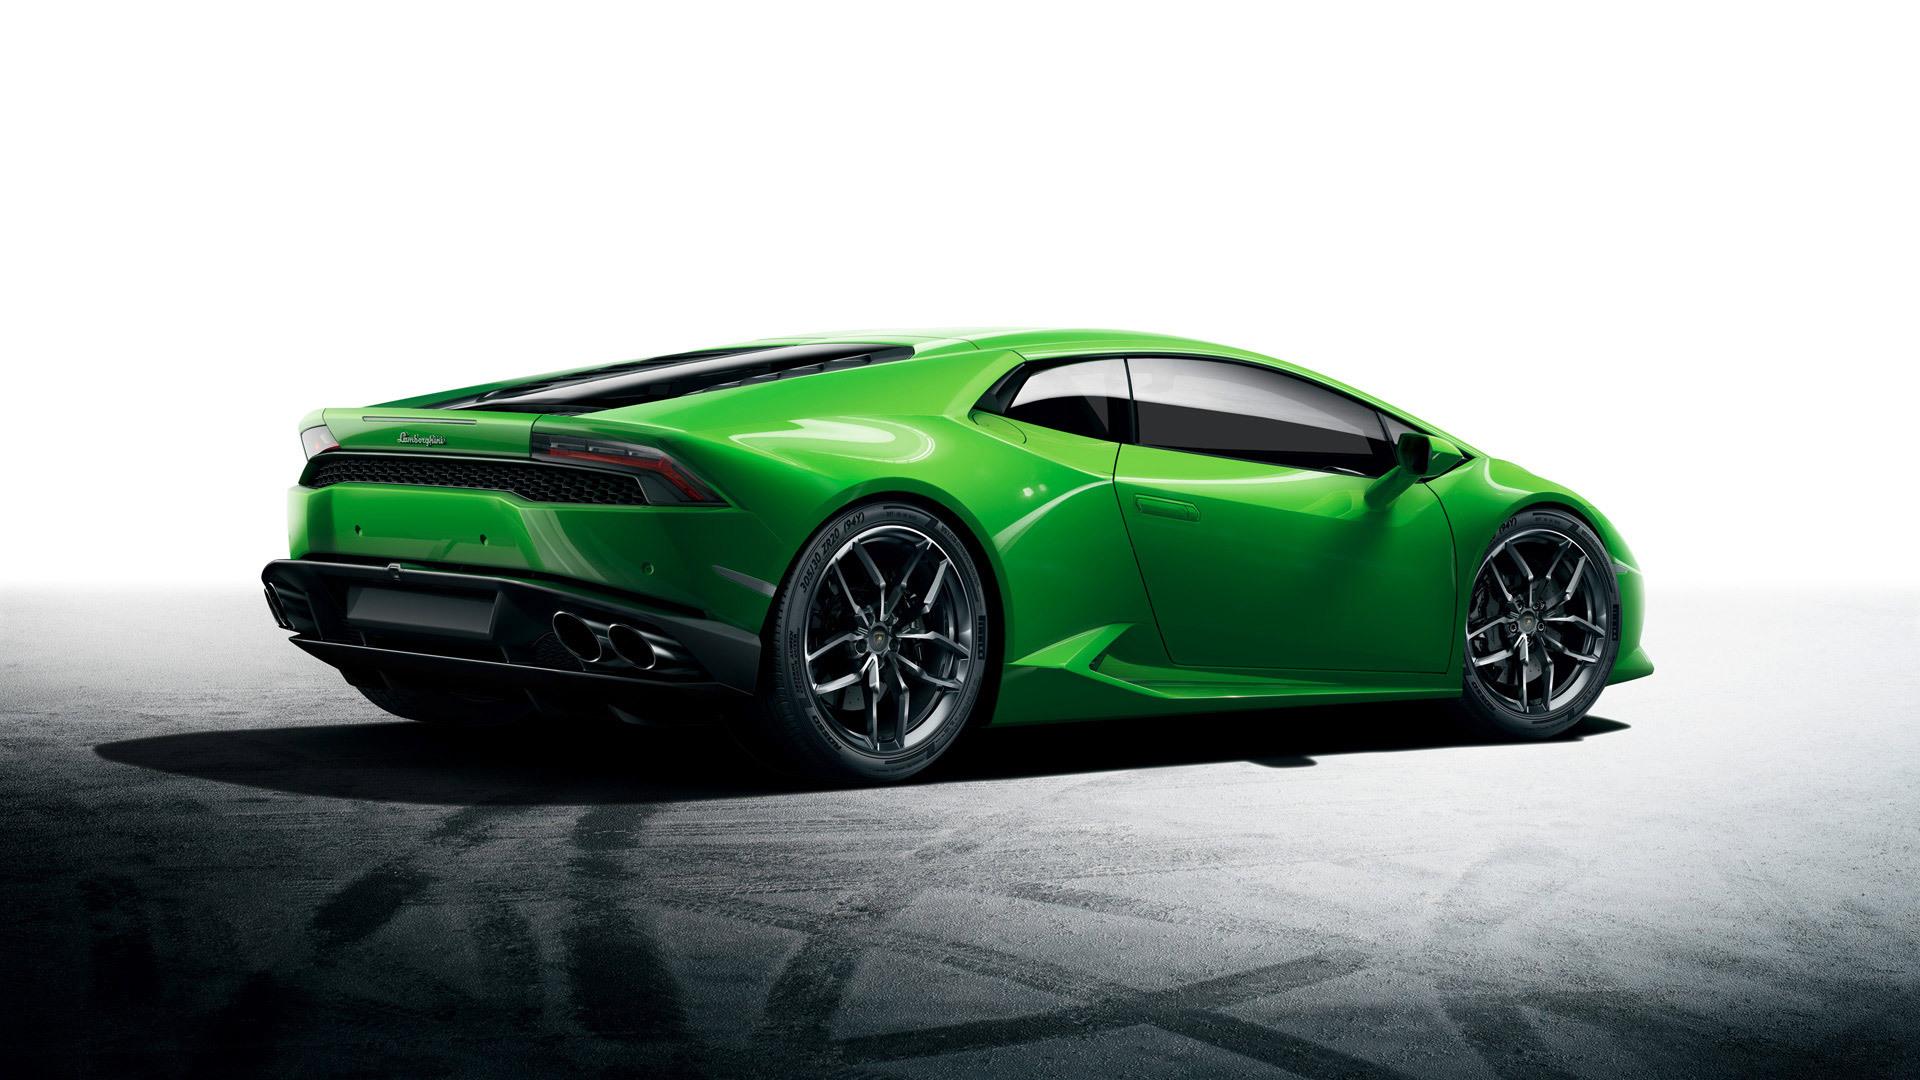 photo of a car lamborghini huracan - Lamborghini Huracan Hd Wallpapers 1080p